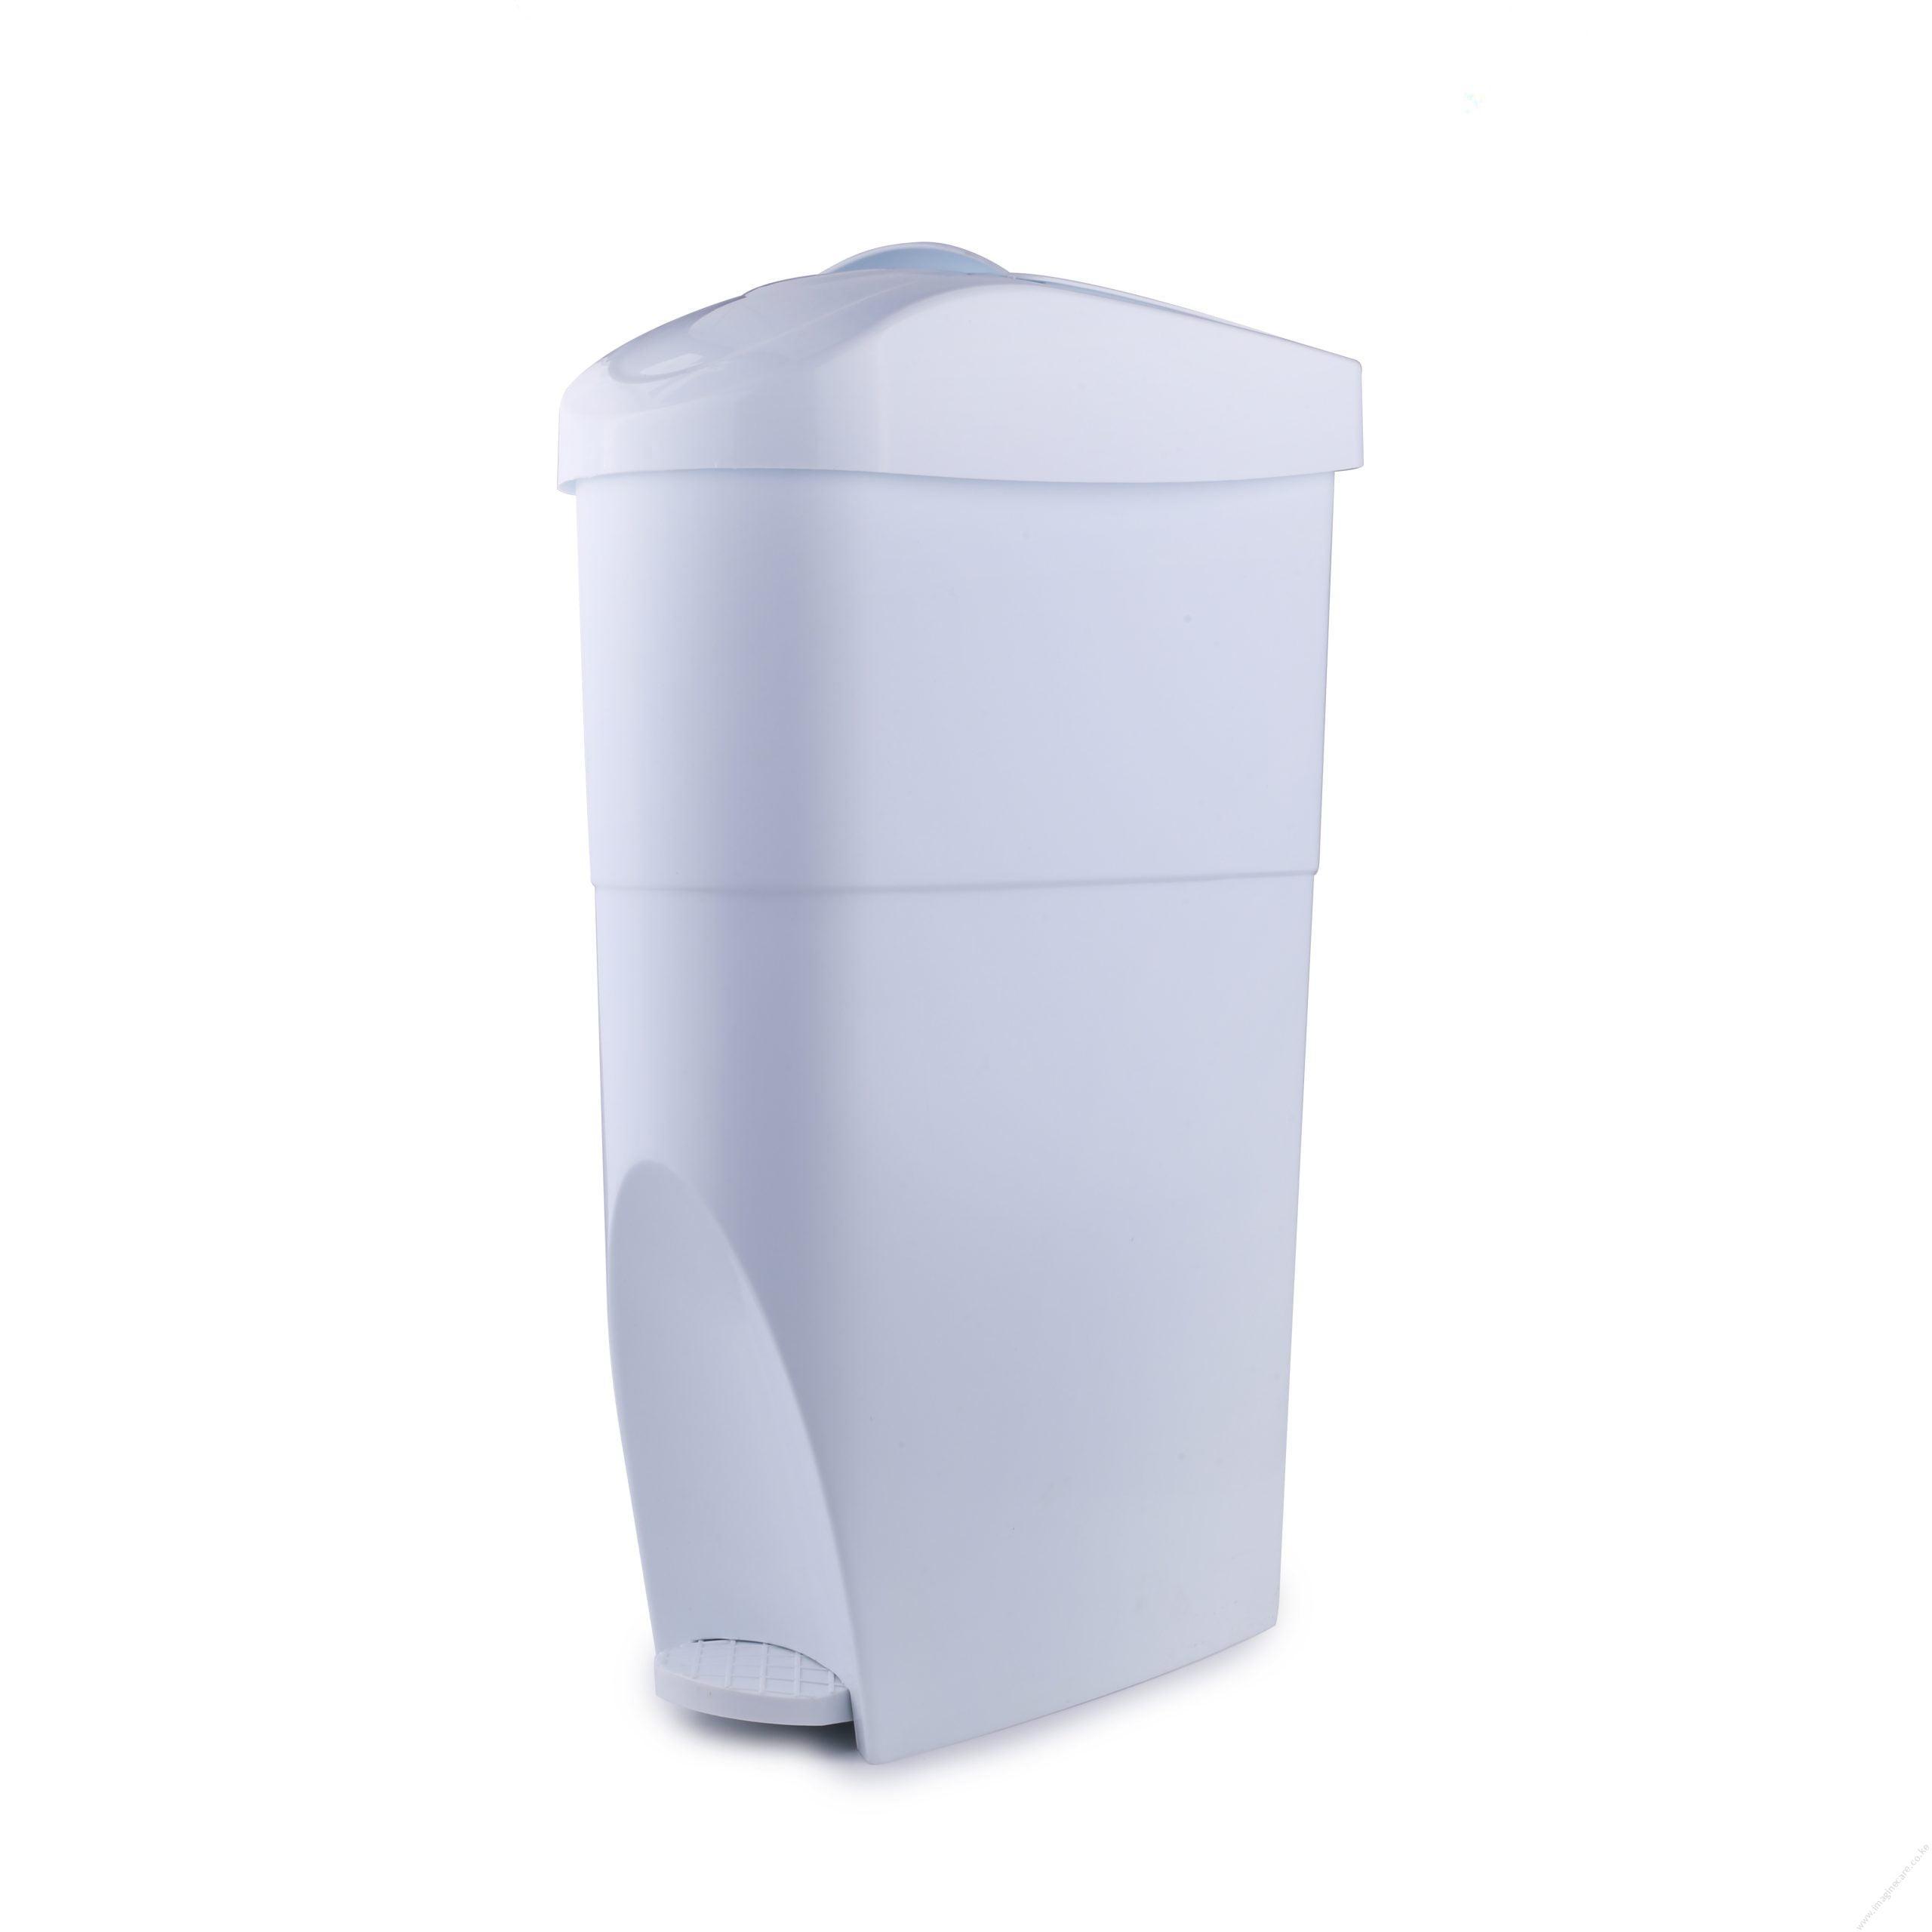 18L-sanitary-bin-white